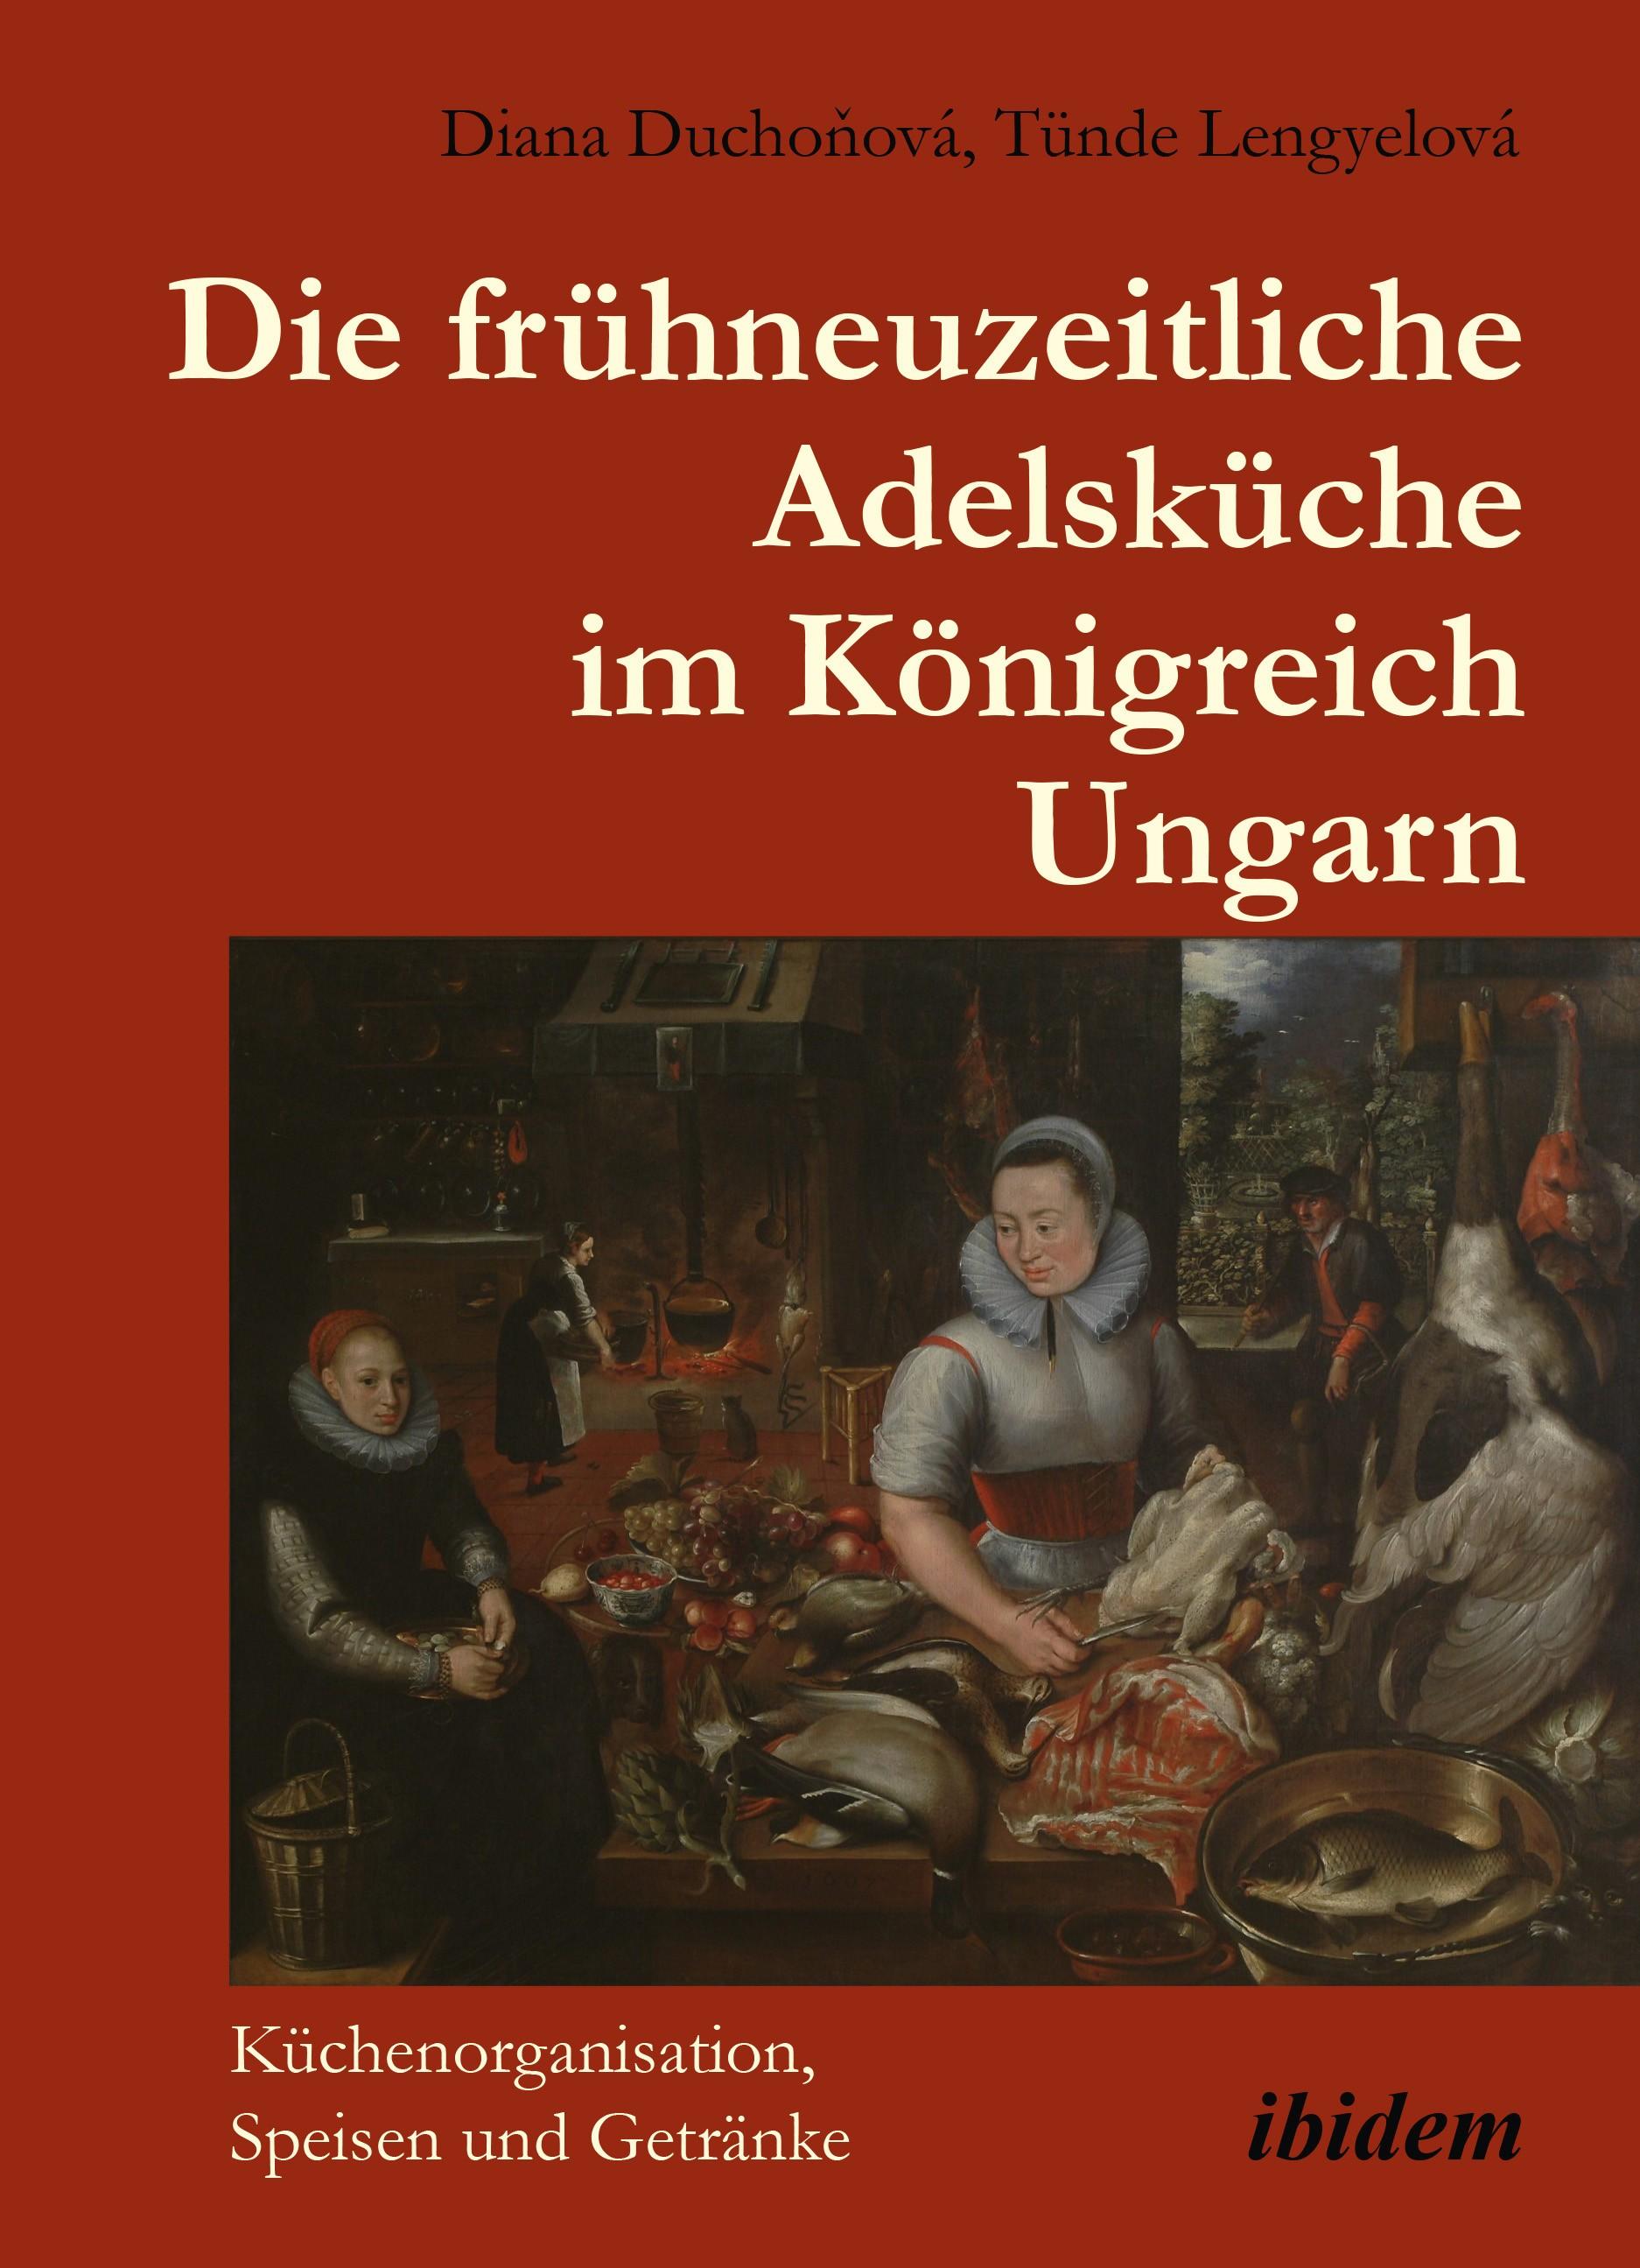 Die frühneuzeitliche Adelsküche im Königreich Ungarn